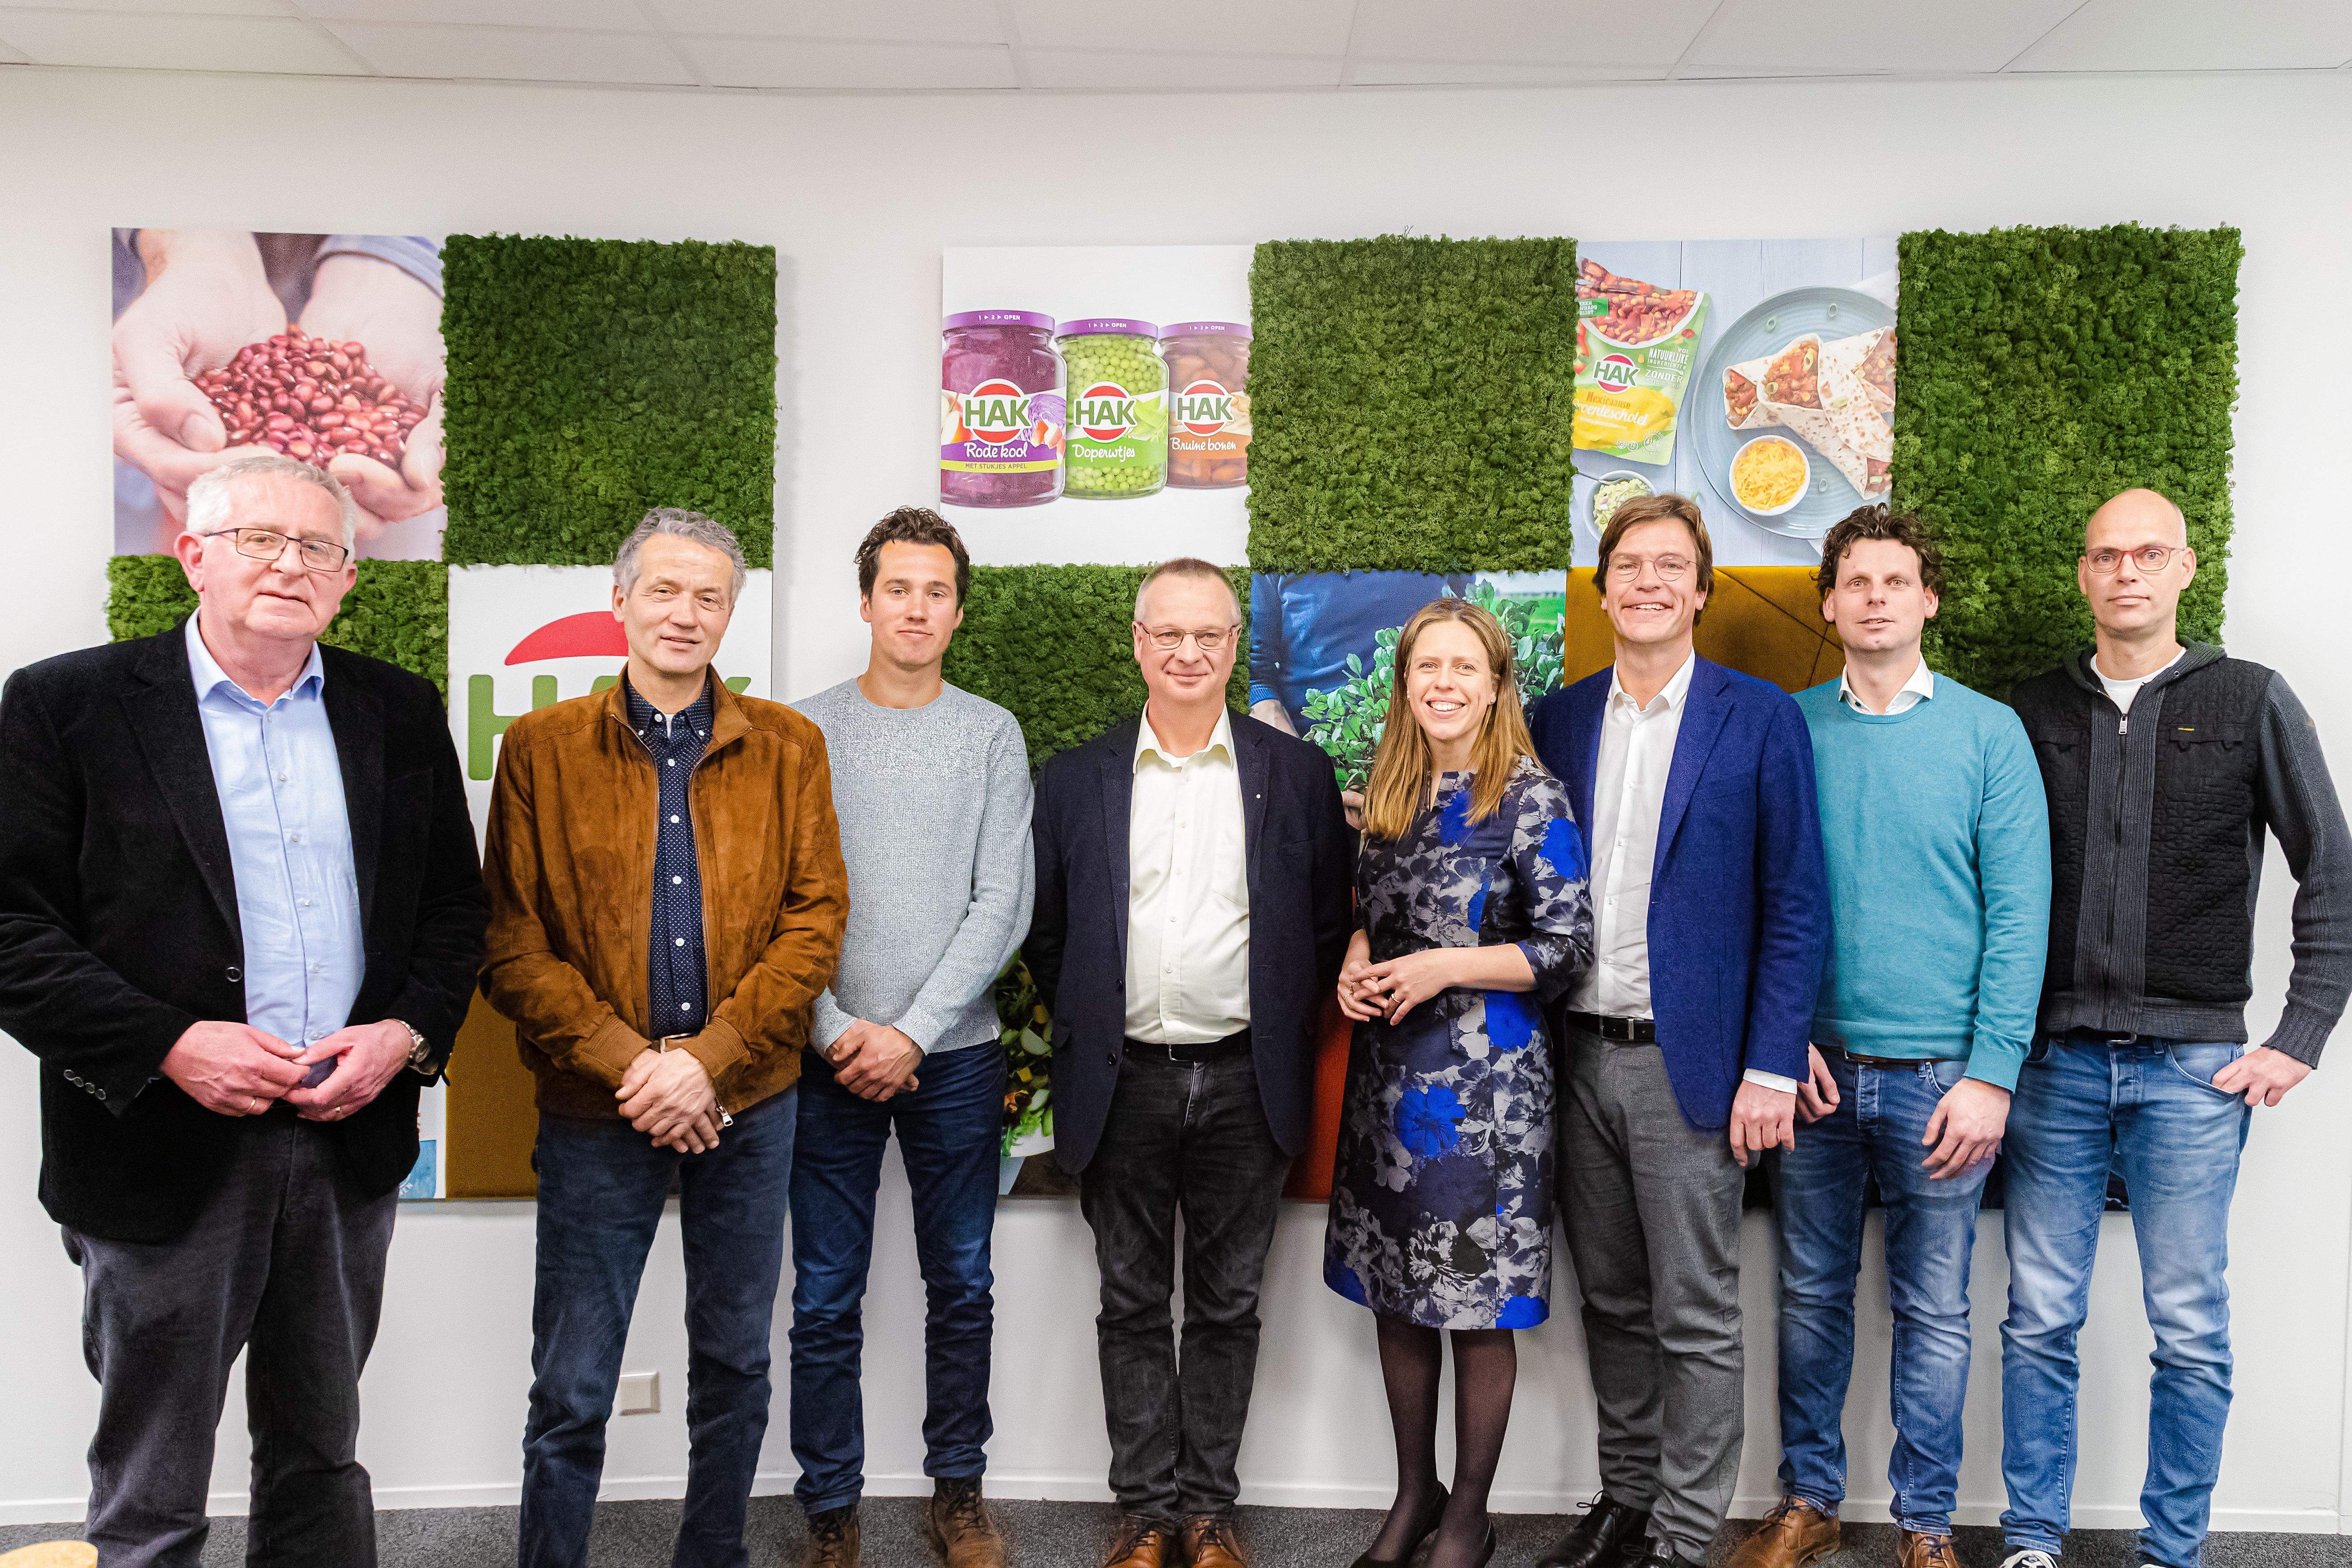 HAK minister Carola Schouten & Telers bezoek